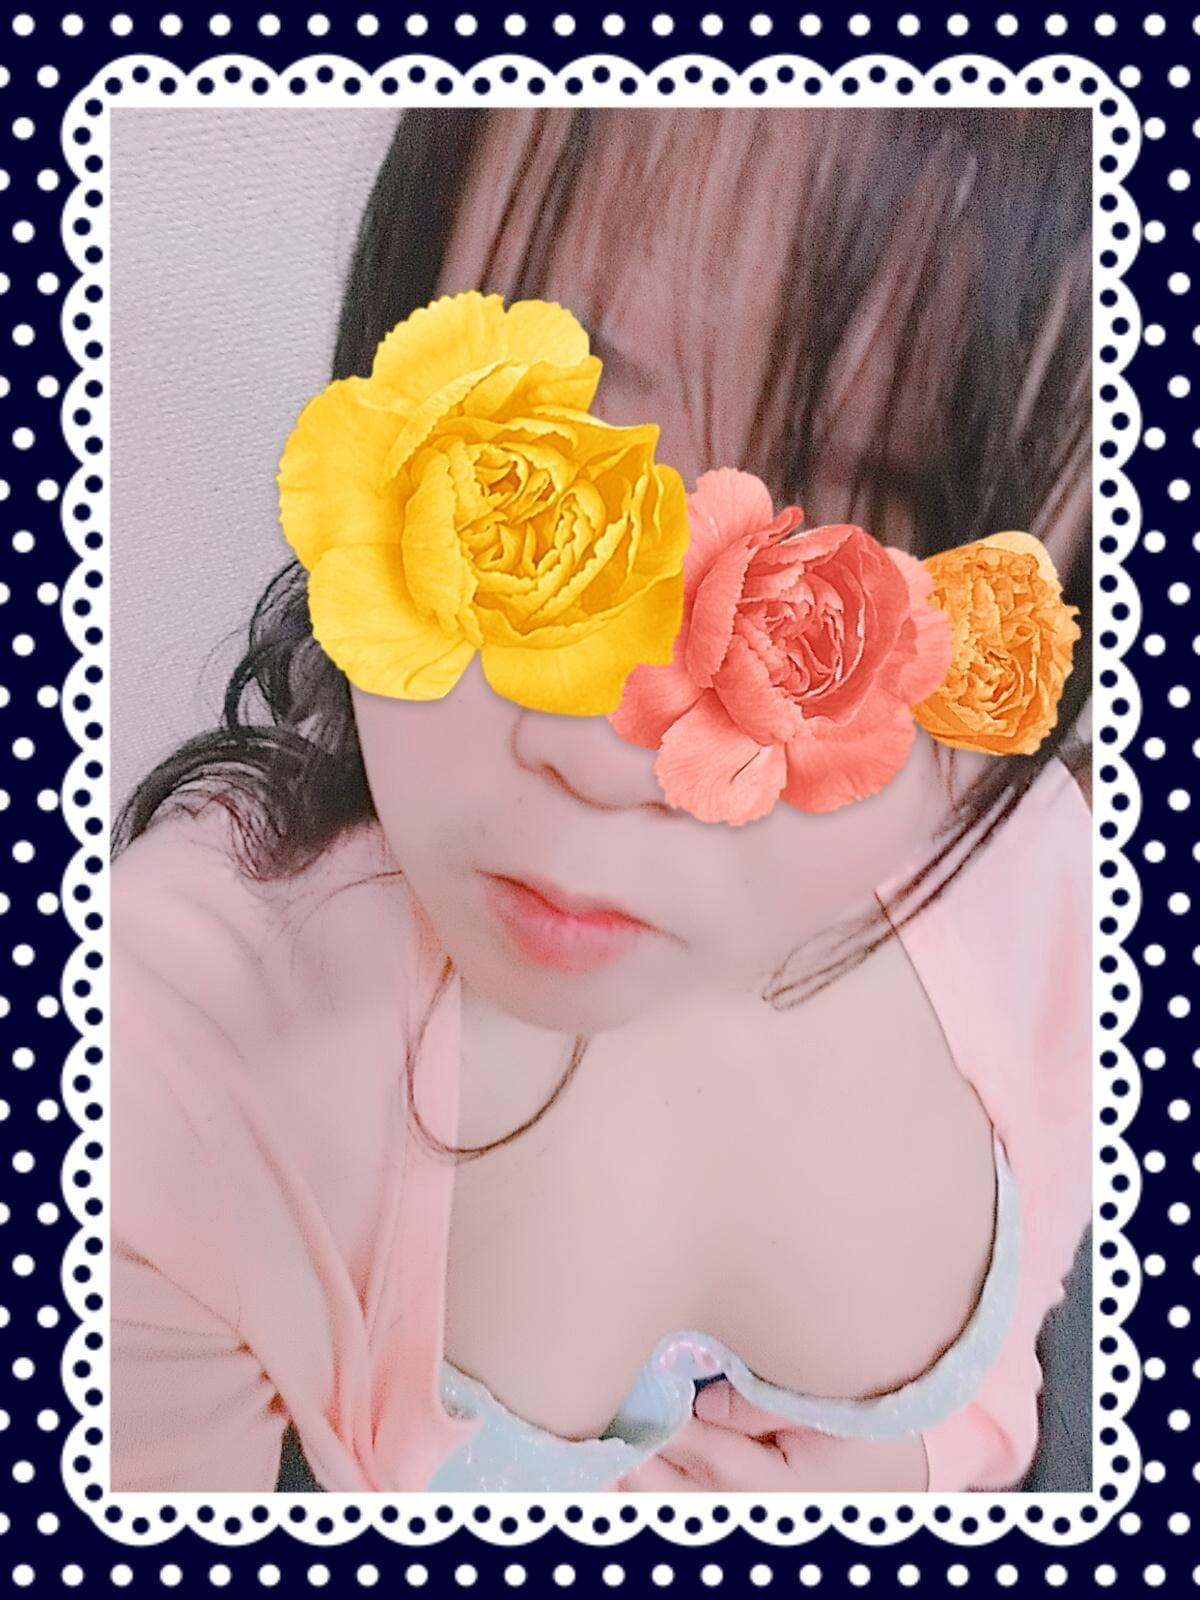 なな「おはようございます」06/24(日) 08:26   ななの写メ・風俗動画